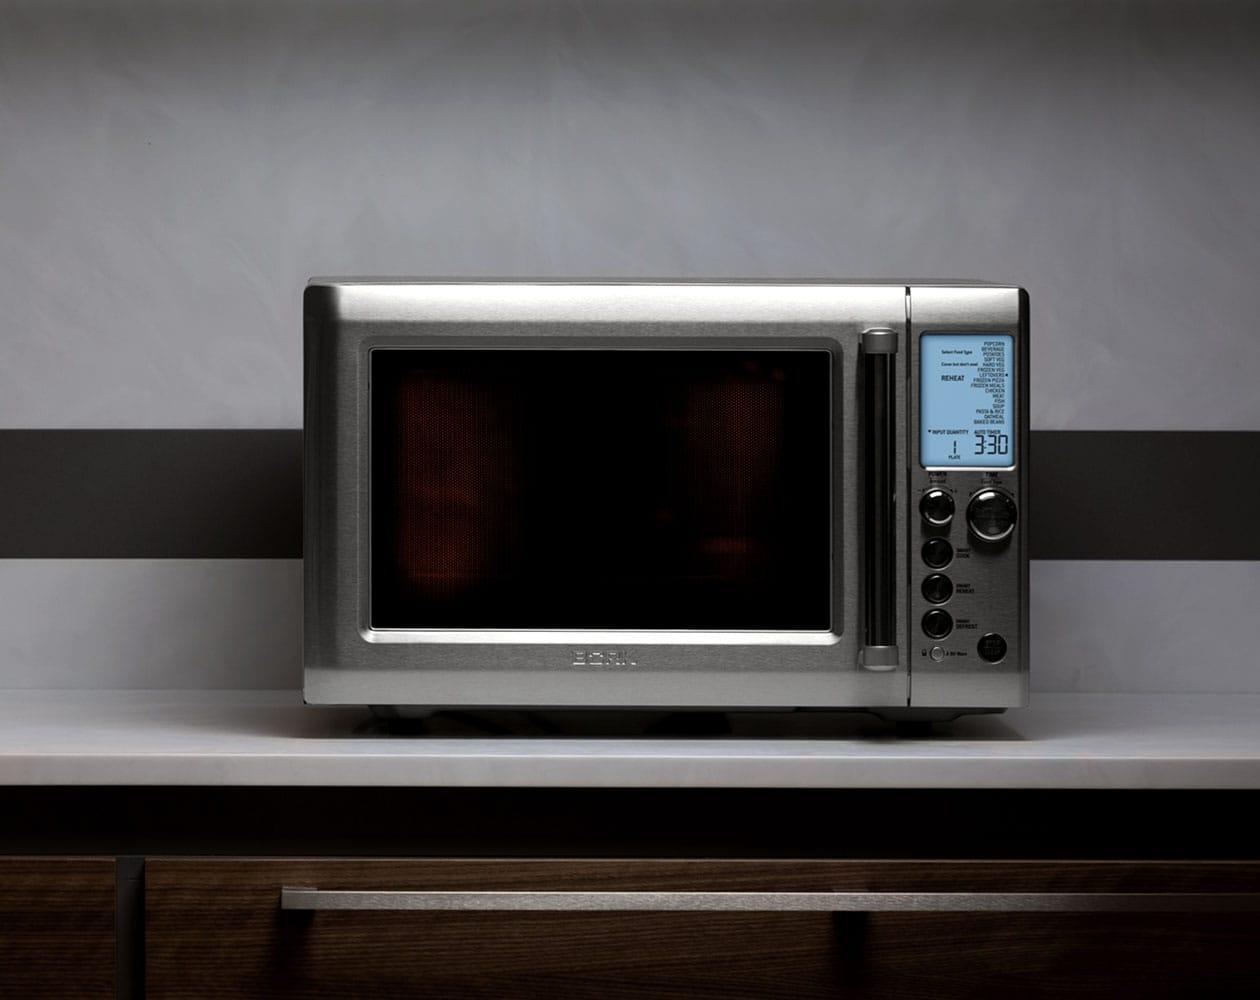 фотография микроволновой печи BORK